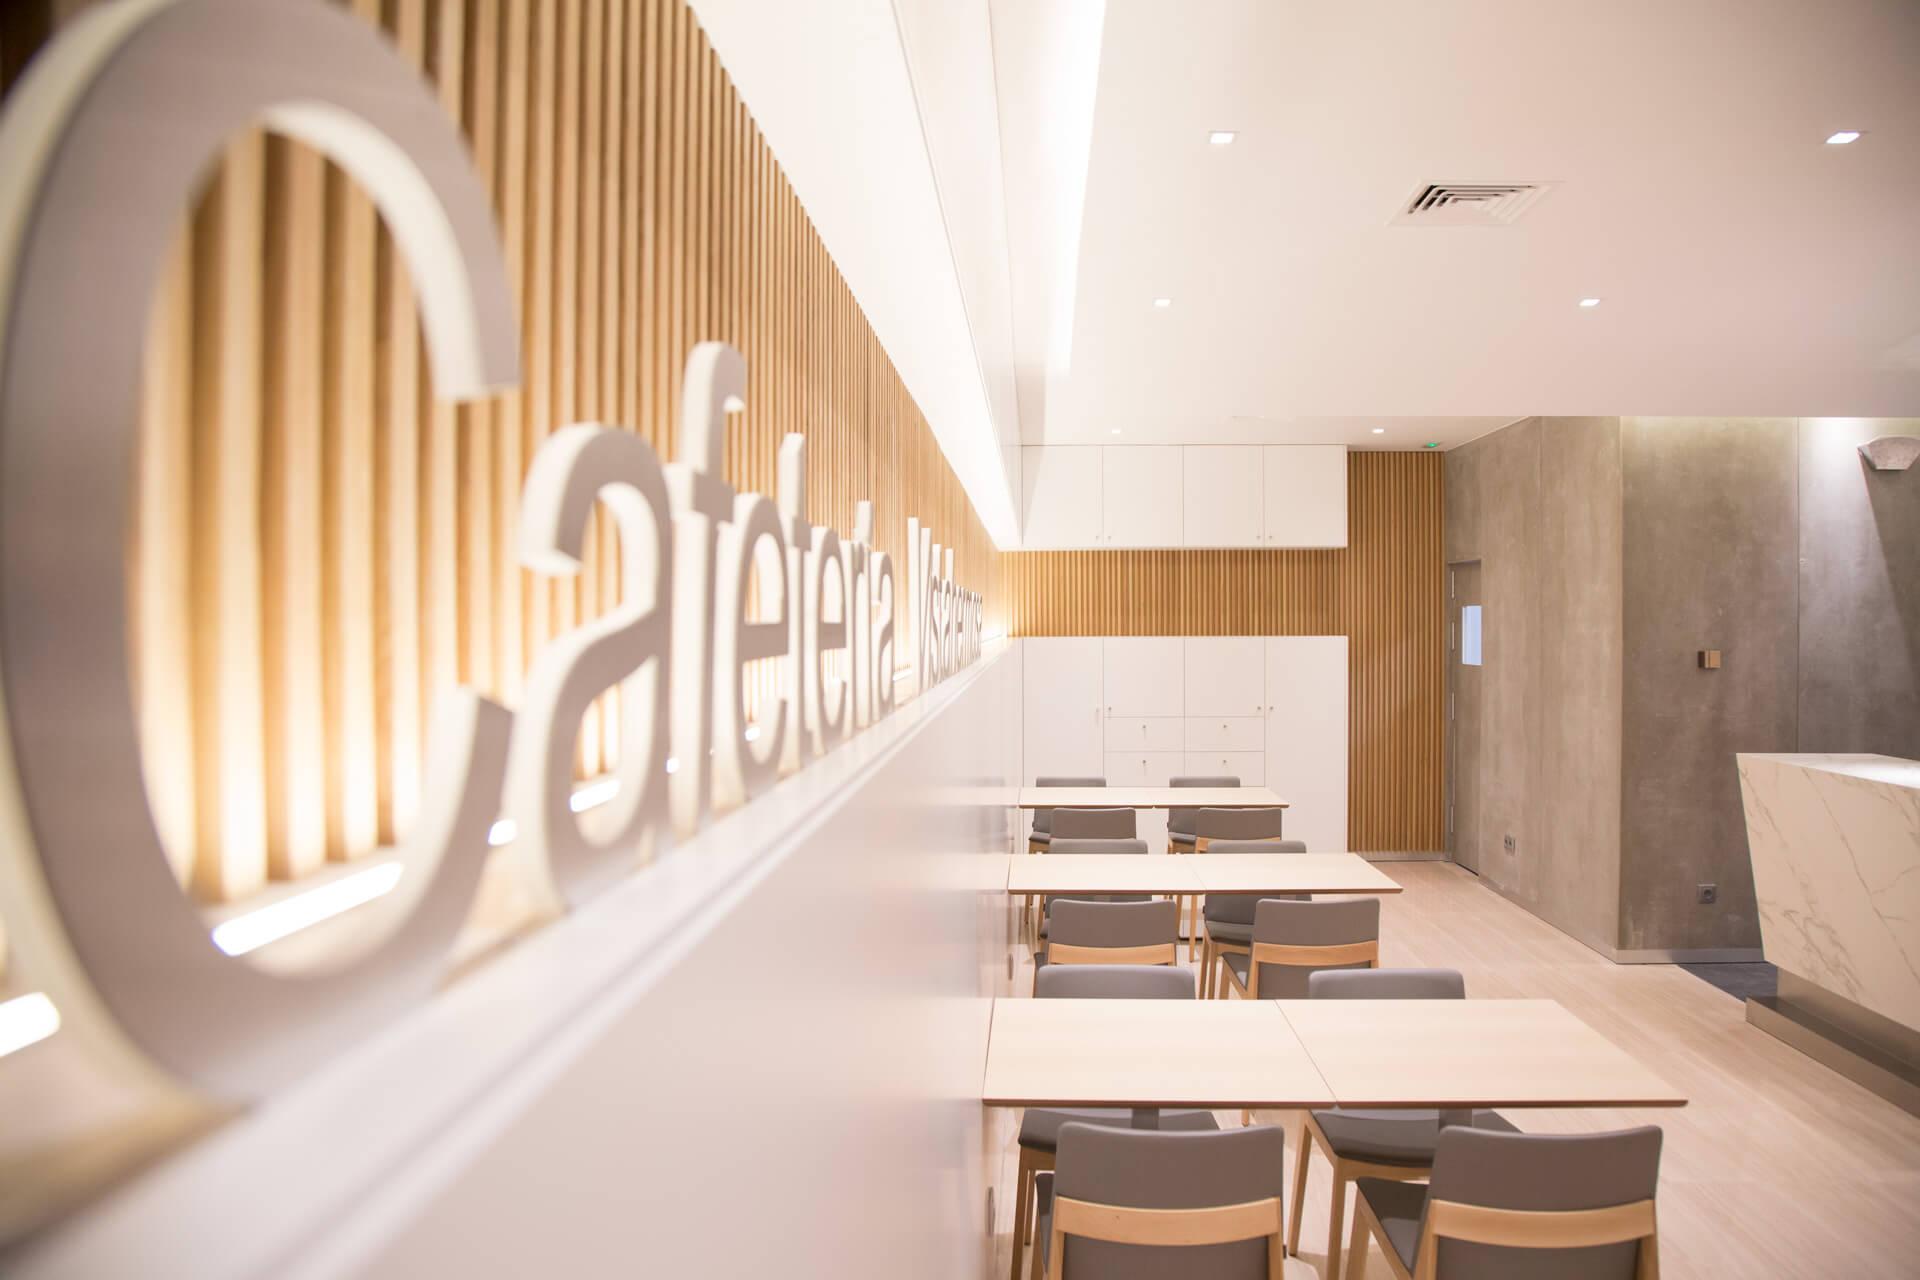 Cafetería Clínica Vistahermosa | Carpintería Mabima, Alicante